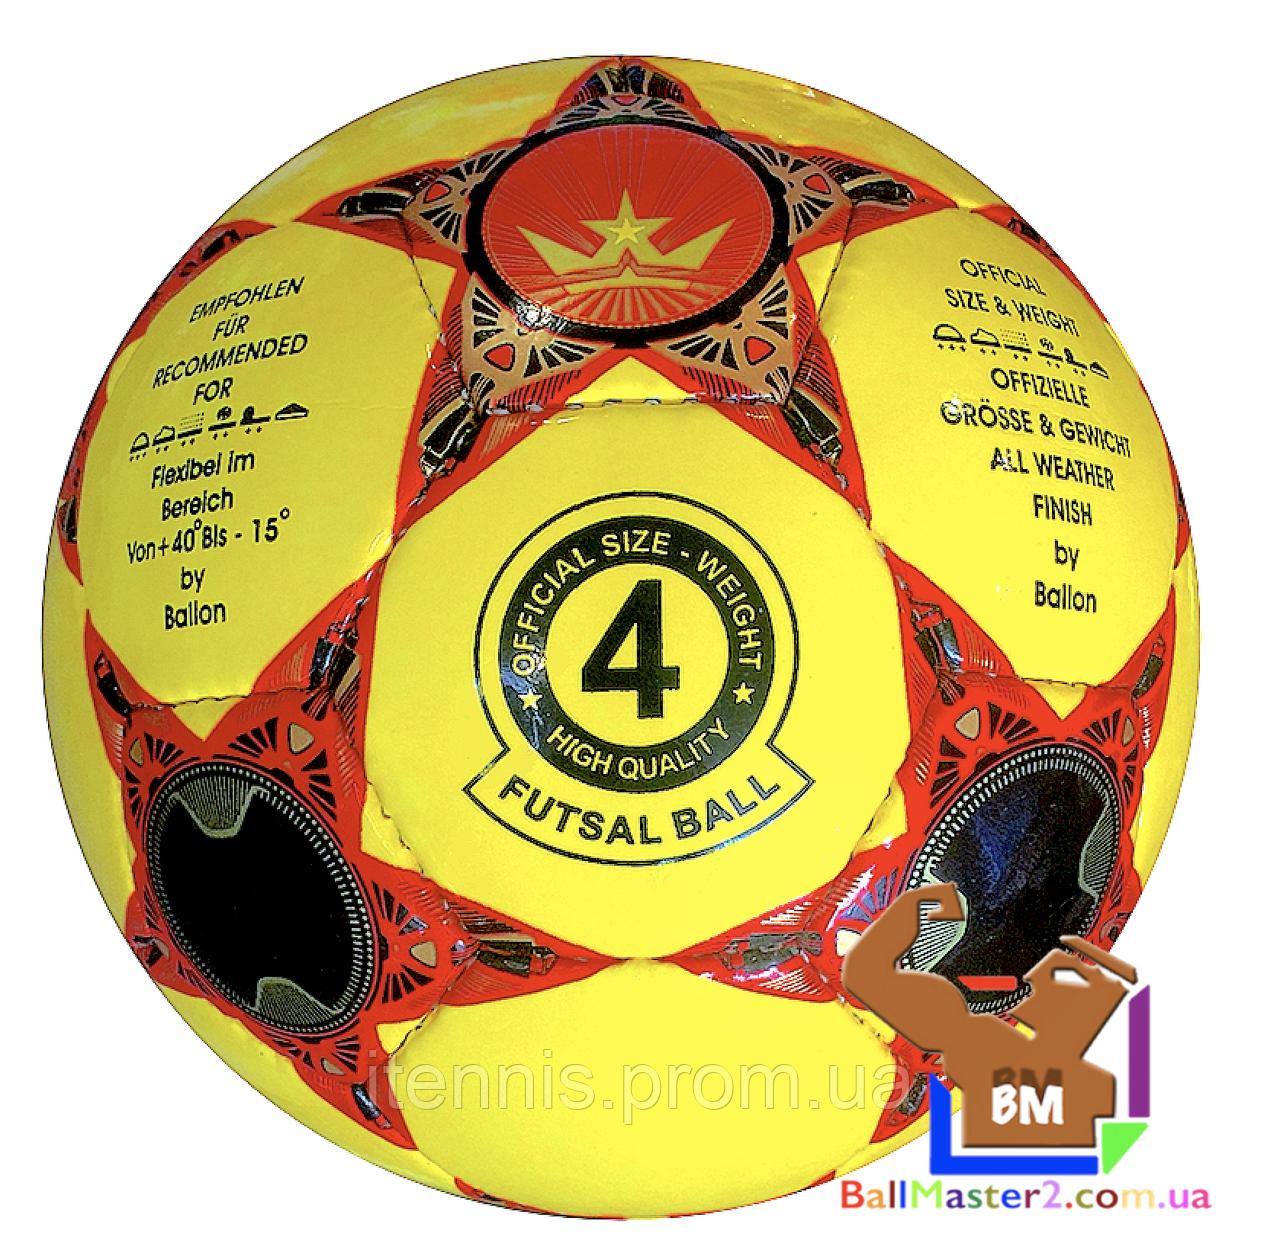 Футзальный мяч Сhampions league №4 (FB-4653) NEW!